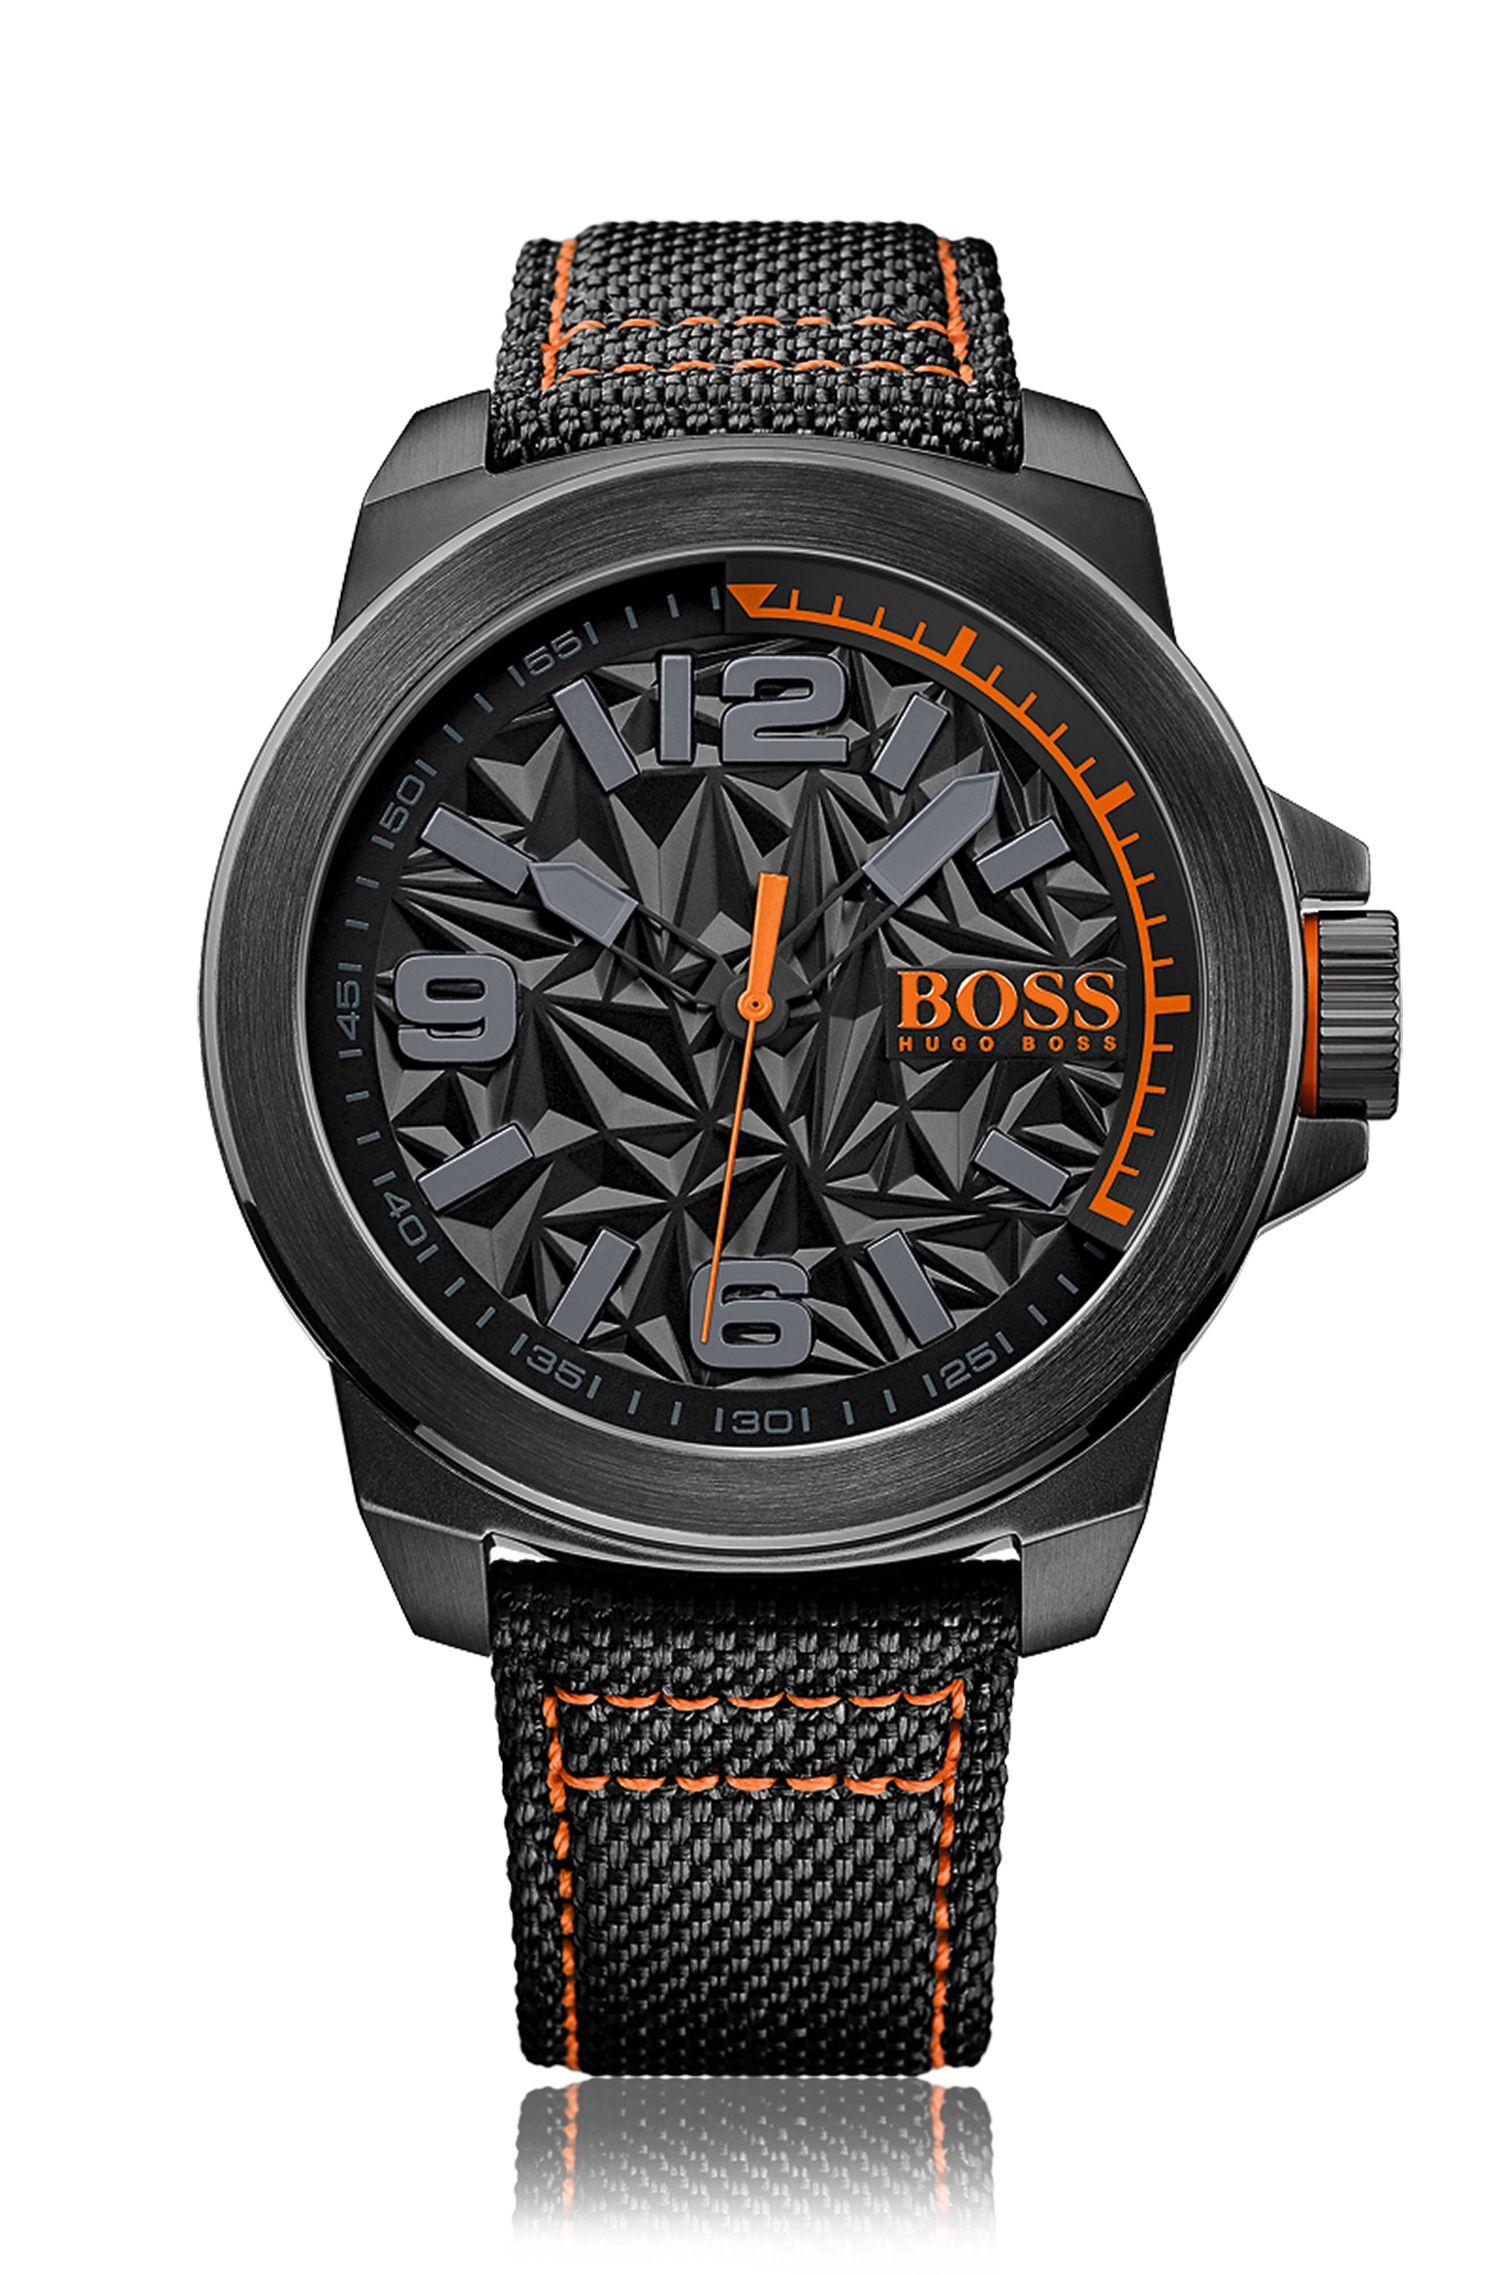 Montre noire en acier inoxydable à cadran architectural et bracelet textile